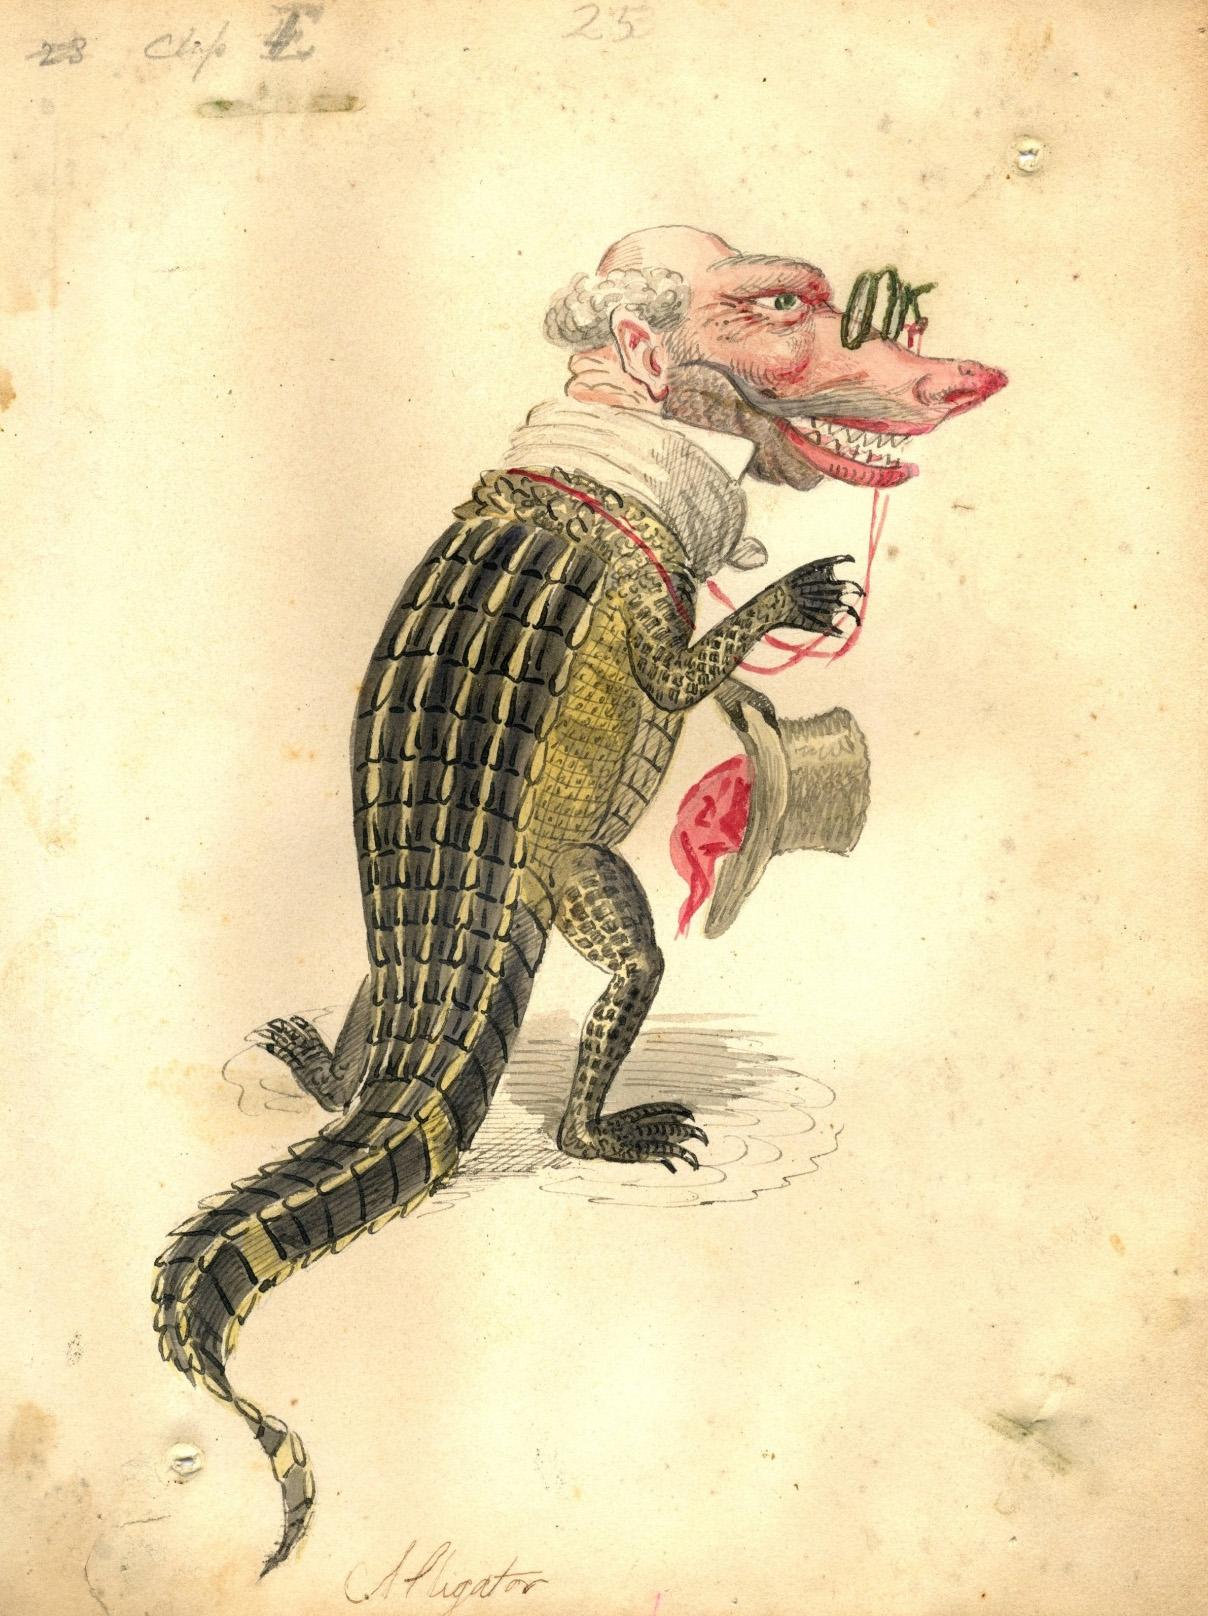 Charles Briton - Alligator Costume Design, 1873